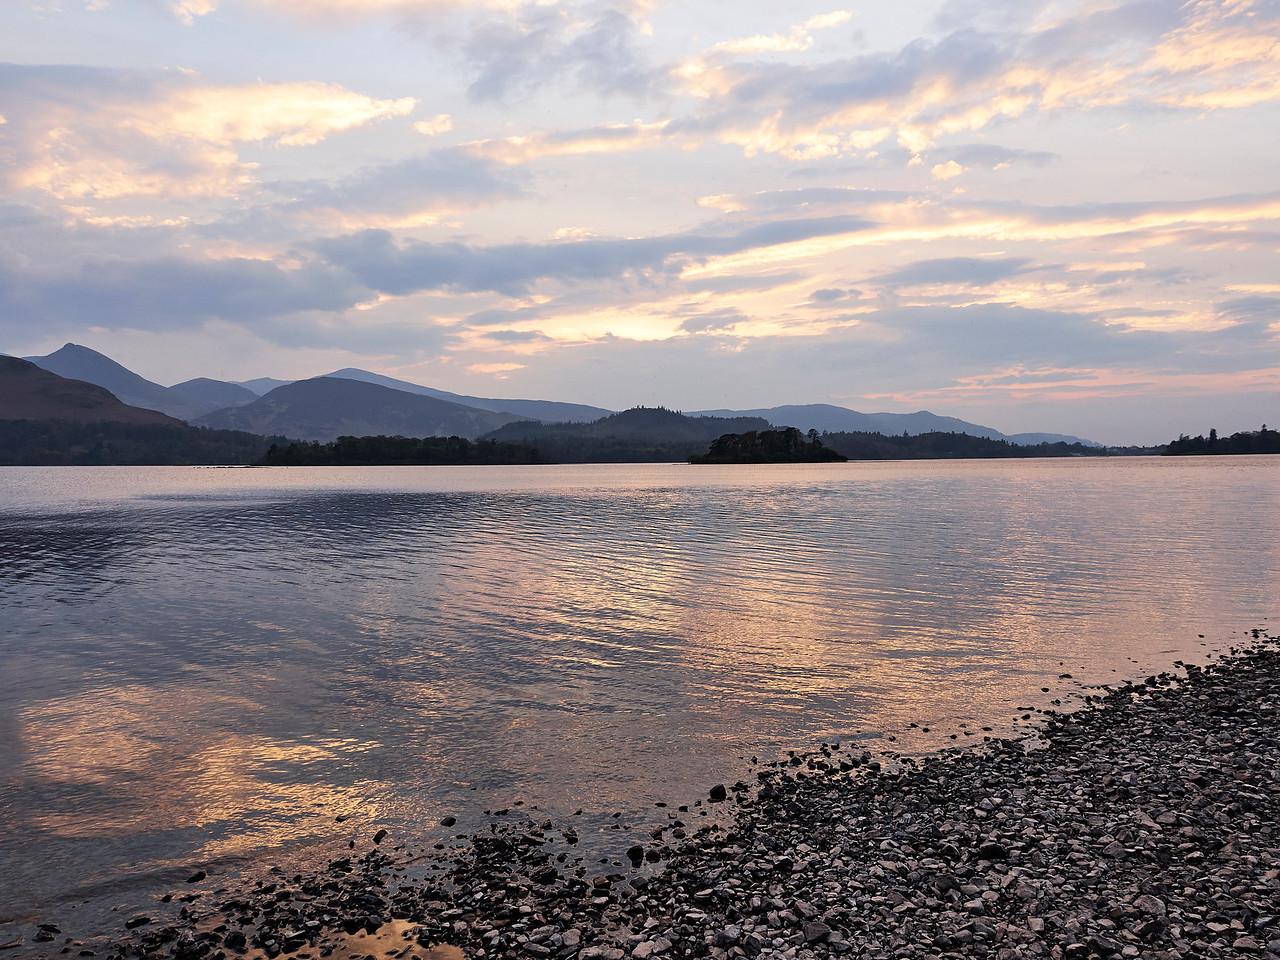 Sunset over Derwent Water